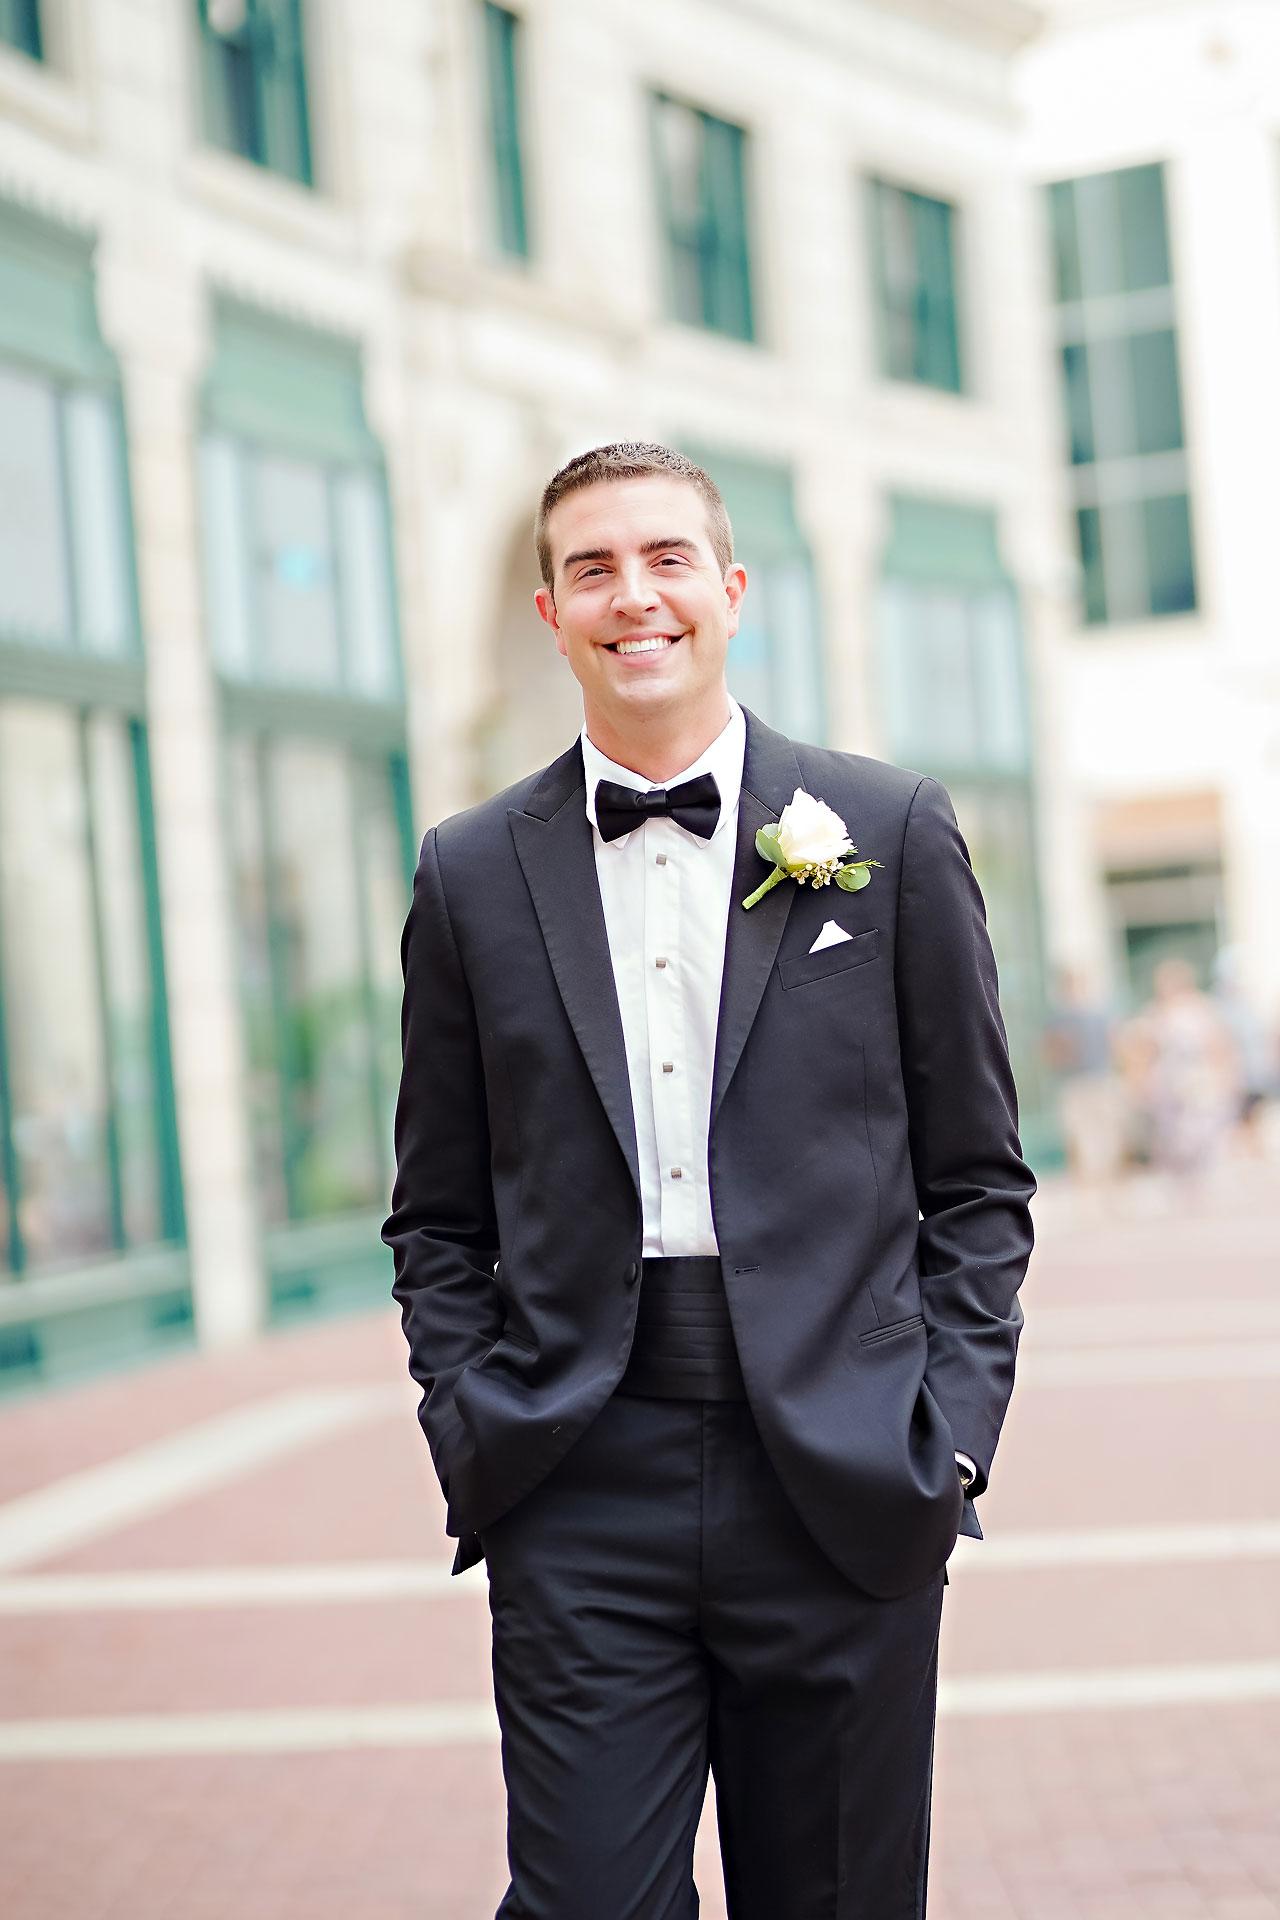 Liz Zach Conrad Artsgarden Indianapolis Wedding 049